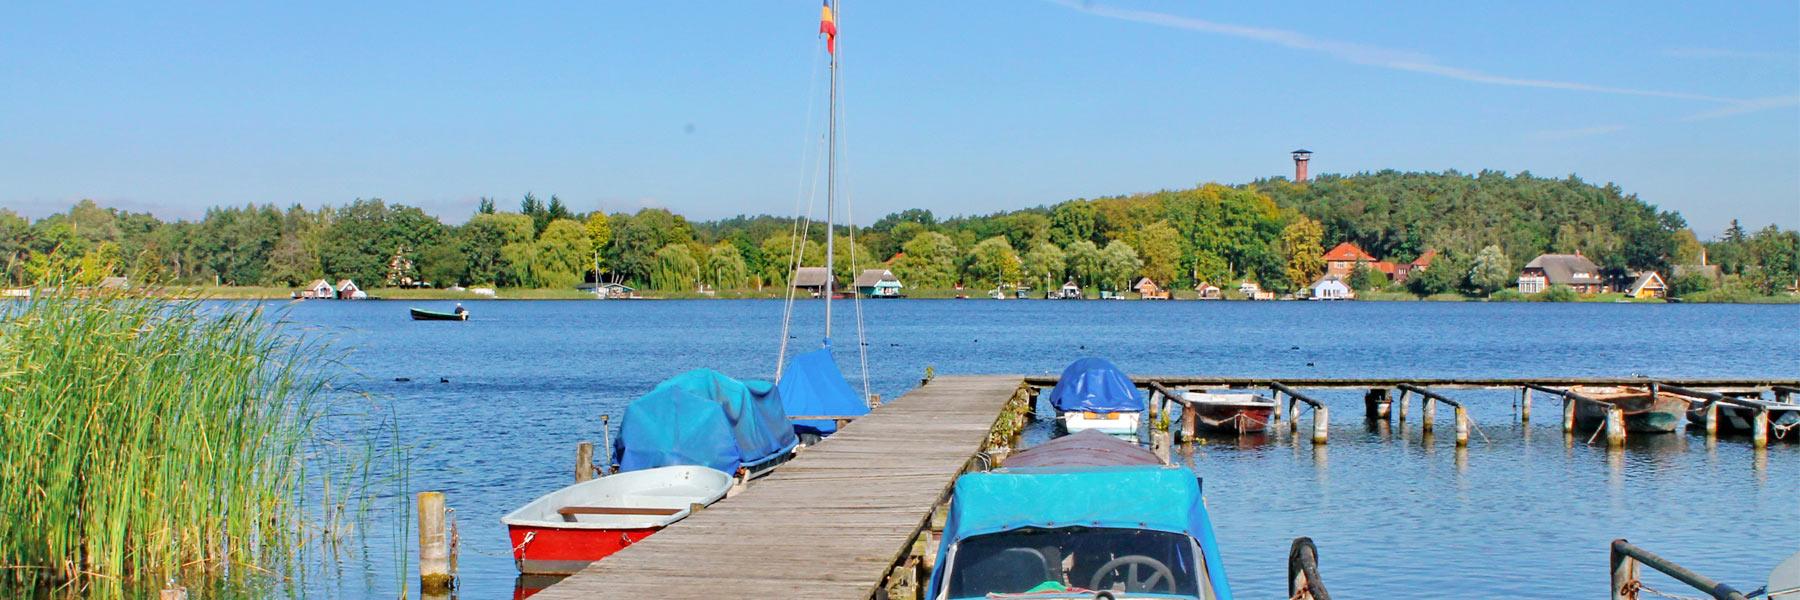 Bootsanleger - Krakow am See